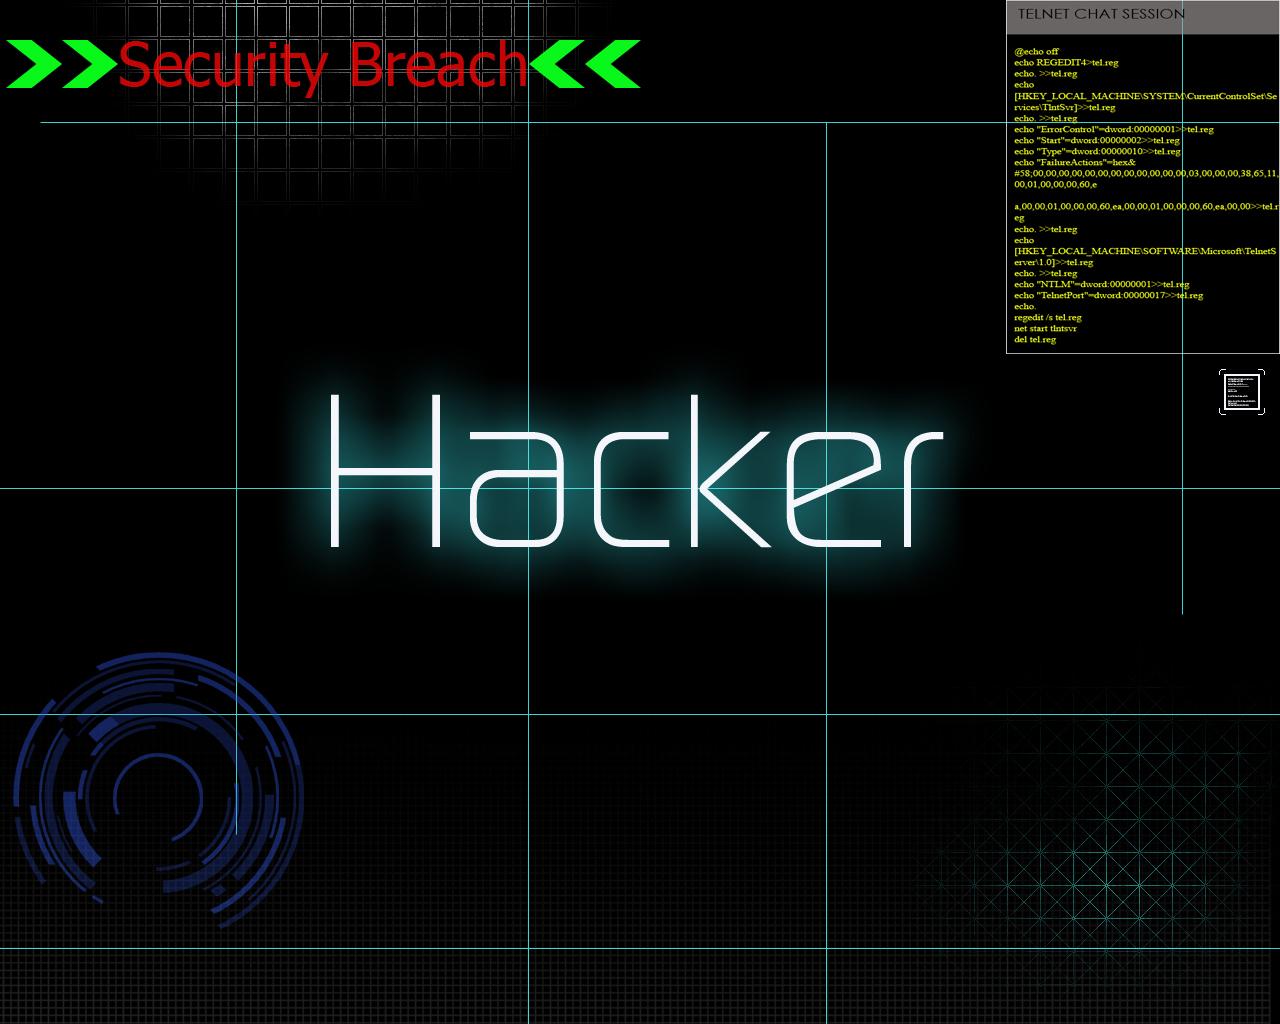 http://1.bp.blogspot.com/-CYJGYEWqYcc/T5IelkESSoI/AAAAAAAACm8/2558-DSeqUw/s1600/Hacker_Wallpaper_1280x1024_by_Pengo1.jpg